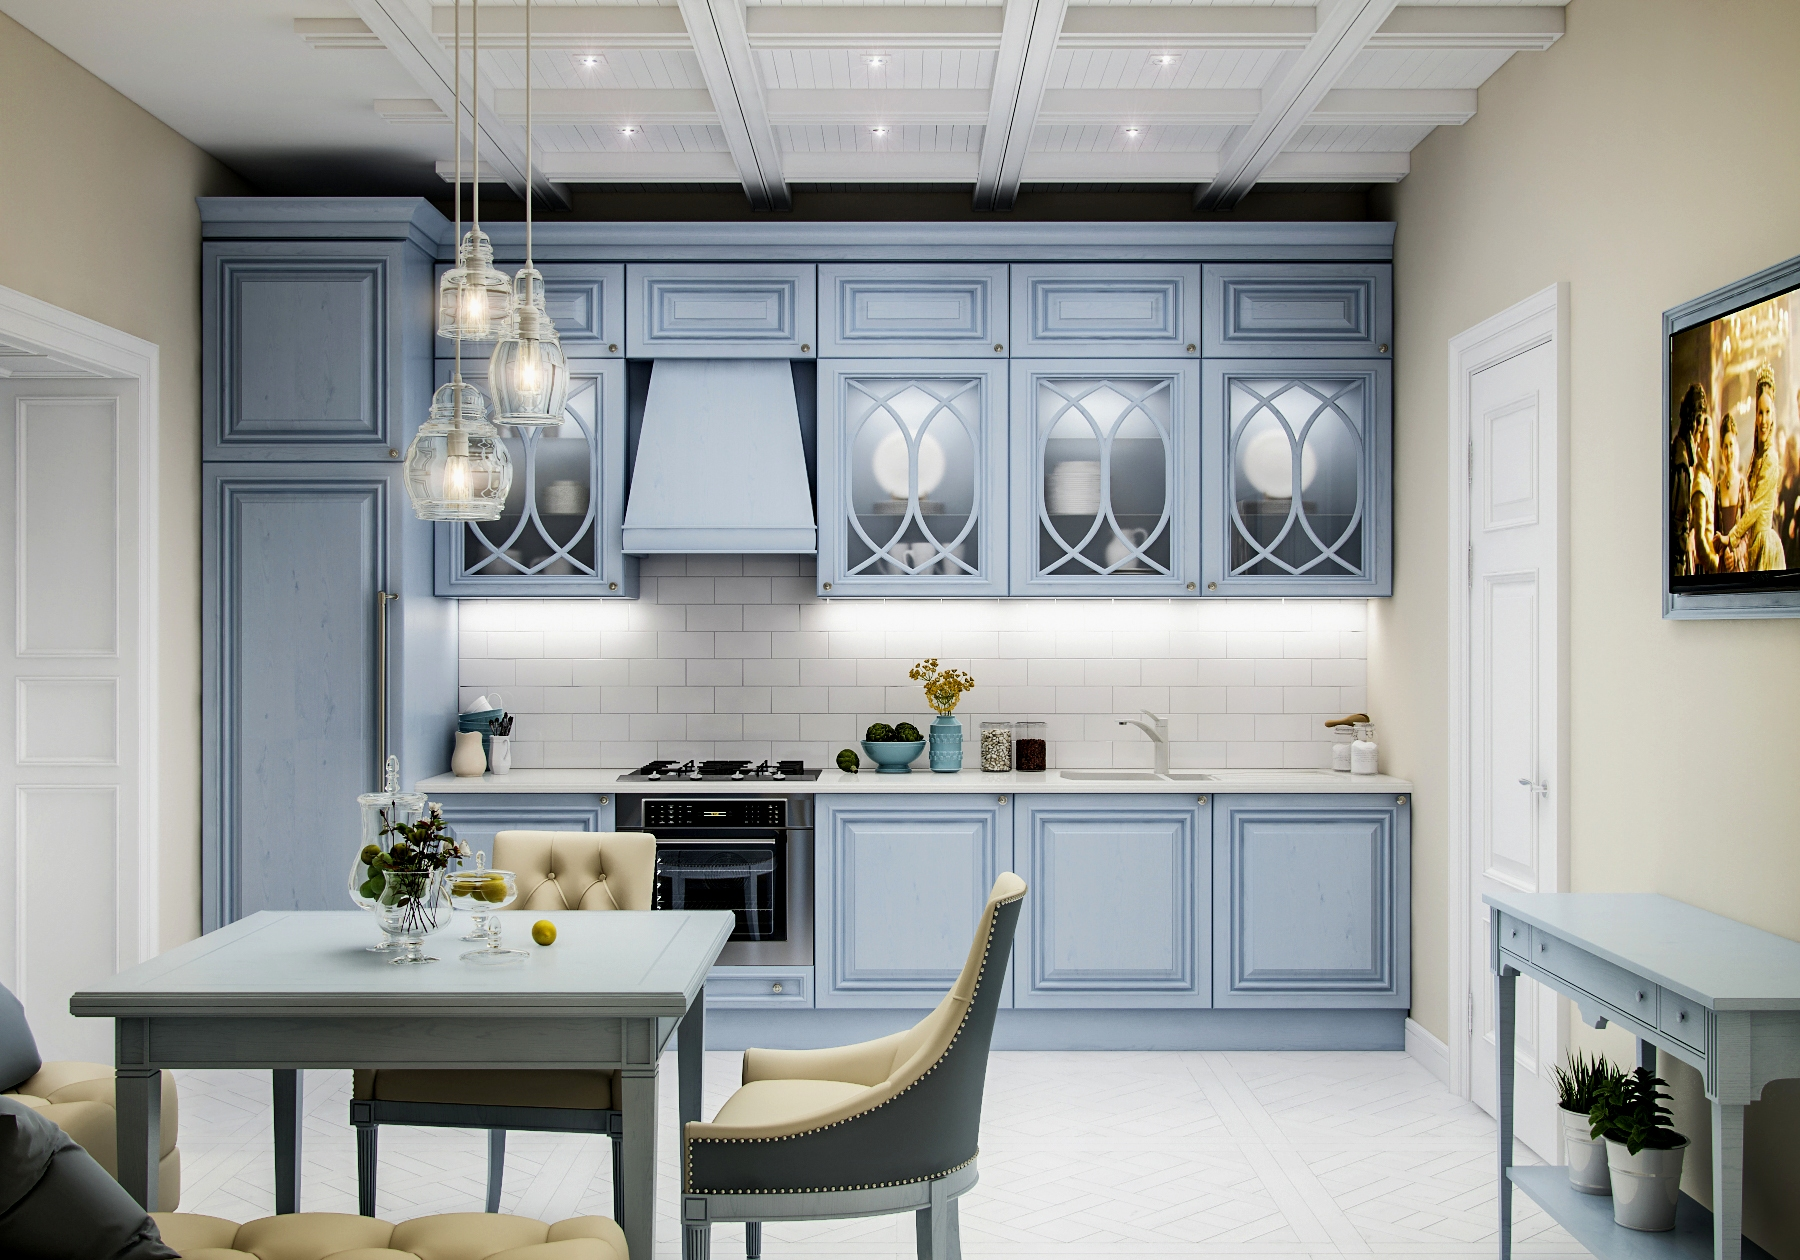 Пастельный голубой и белый цвета в интерьере кухни